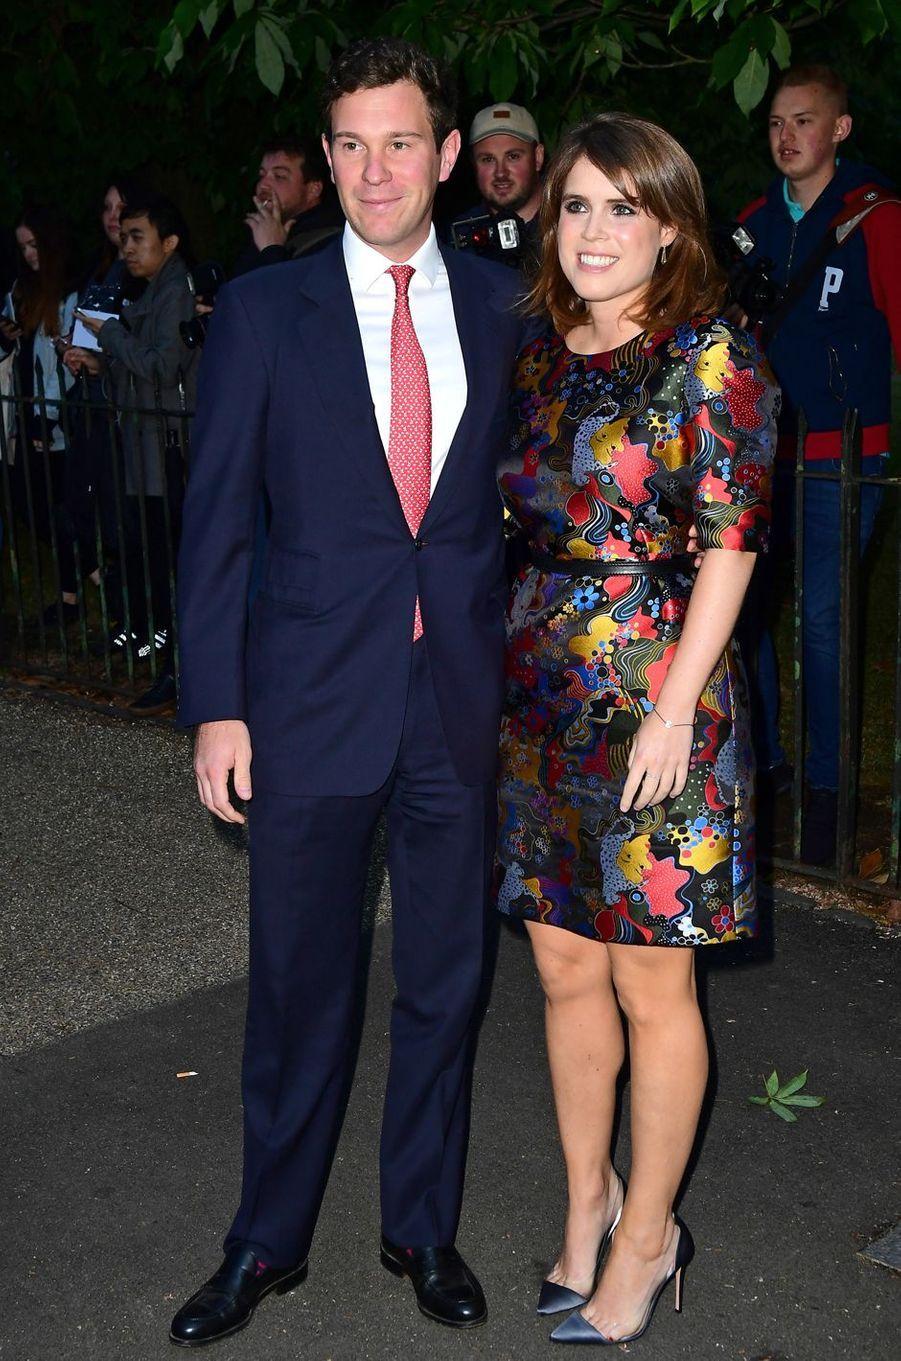 La princesse Eugenie d'York et Jack Brooksbank, le 28 juin 2017